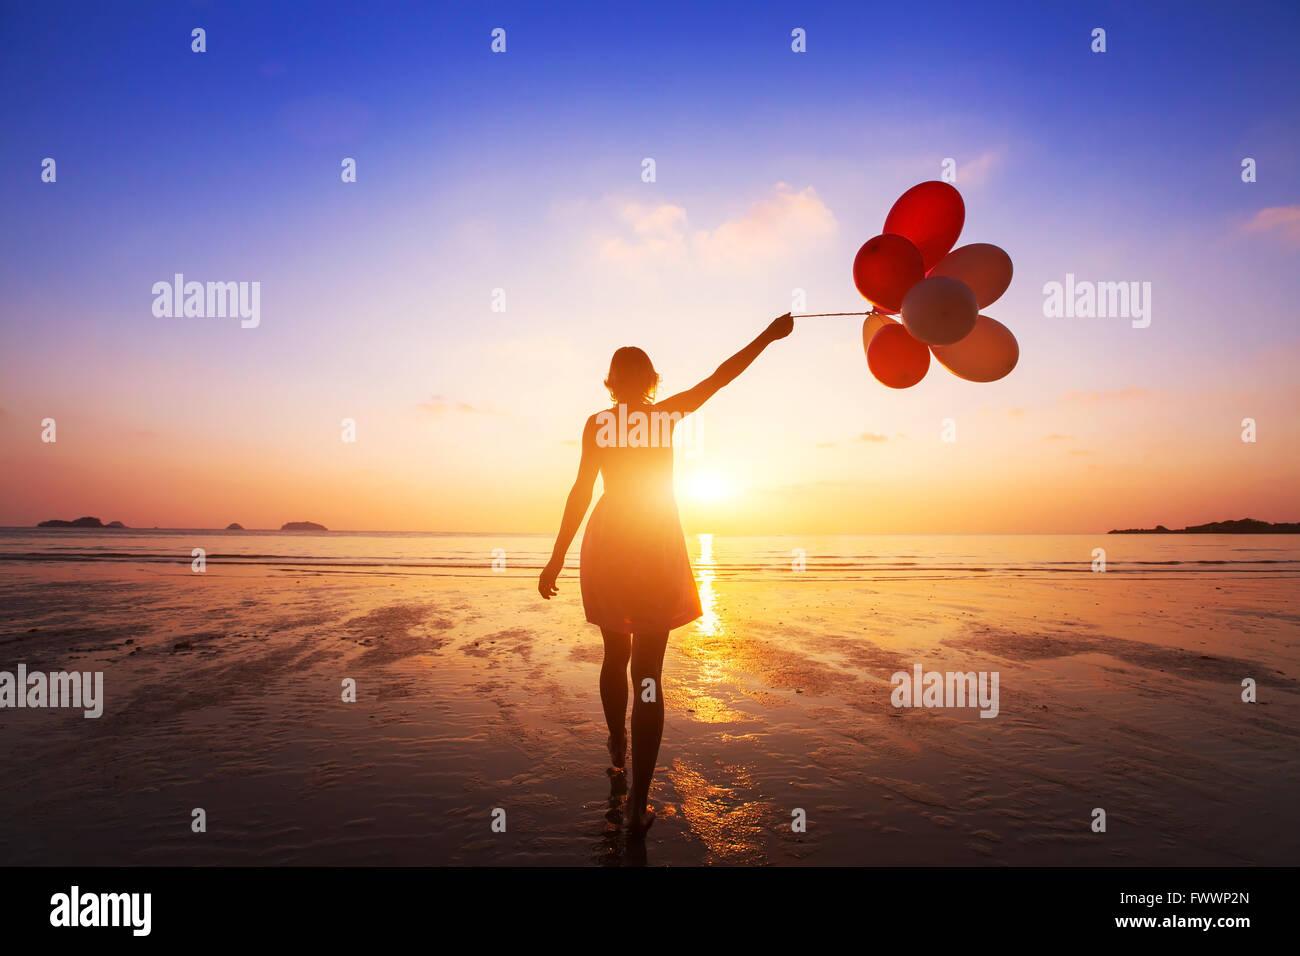 Glück-Konzept, positive Emotionen, fröhliches Mädchen mit bunten Luftballons Sommerstrand bei Sonnenuntergang Stockbild